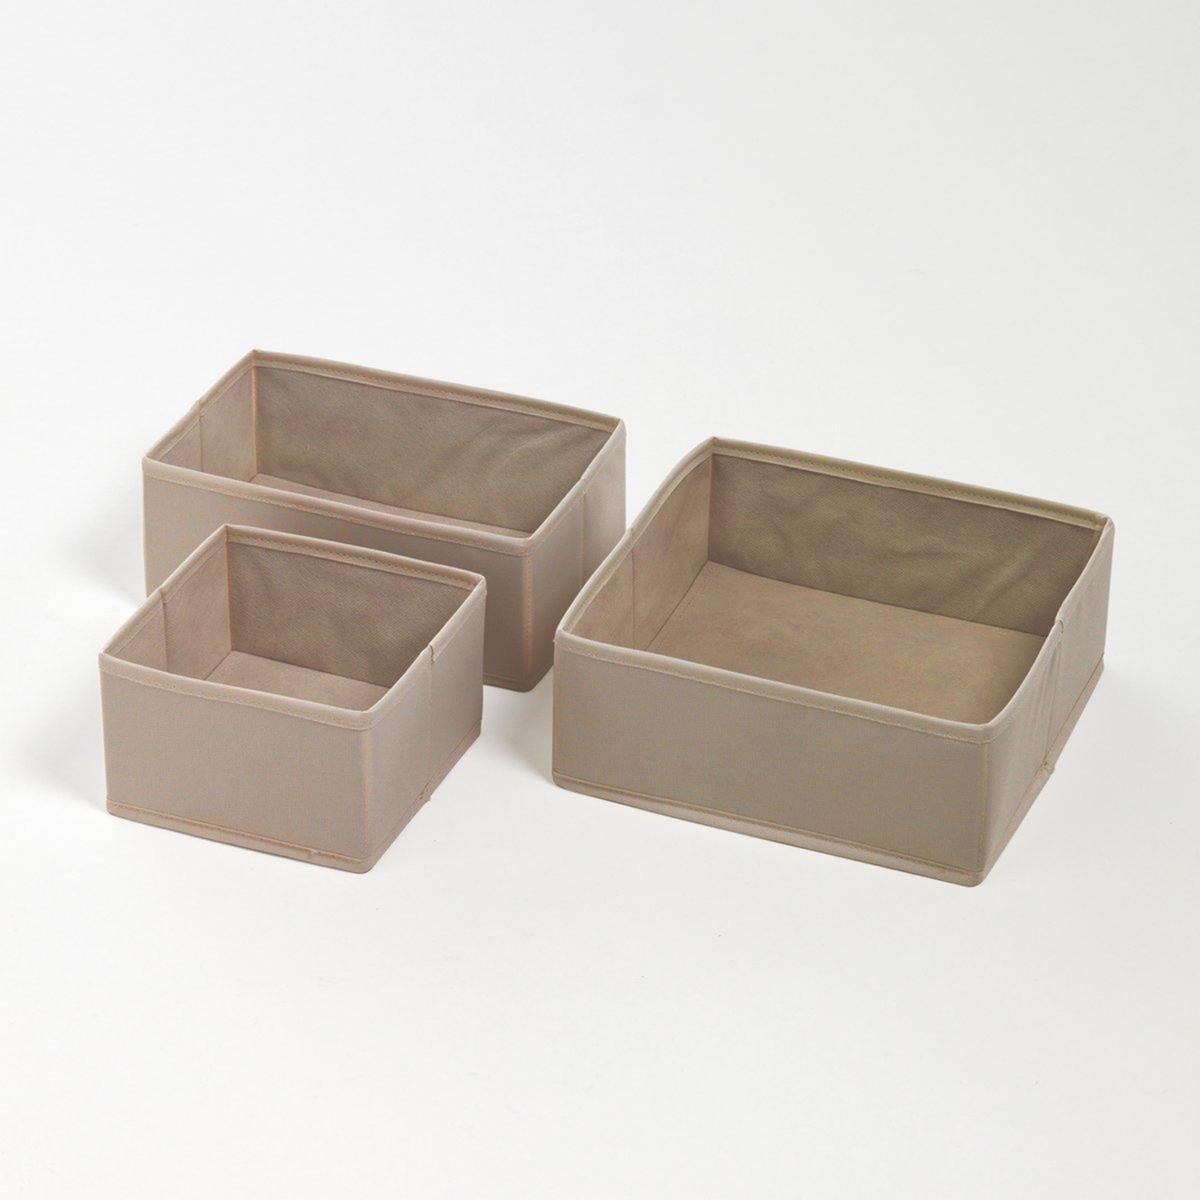 Комплект из 3 складных коробок для хранения вещей, 3 размераКоробки для хранения вещей незаменимы для наведения порядка во всем доме, в ванной, спальне или гостиной ! Складывающиеся для легкого хранения.Характеристики коробки для хранения вещей :- Из твердого картона, покрытого полиэстером, цвет экрю.Коробки поставляются готовыми к сборке, инструкция прилагается.Размеры :- Ш.16 x В.10 x Г.16 см.- Ш.25 x В.10 x Г.25 см.- Ш.25 x В.10 x Г.16 см.<br><br>Цвет: серо-коричневый каштан<br>Размер: единый размер